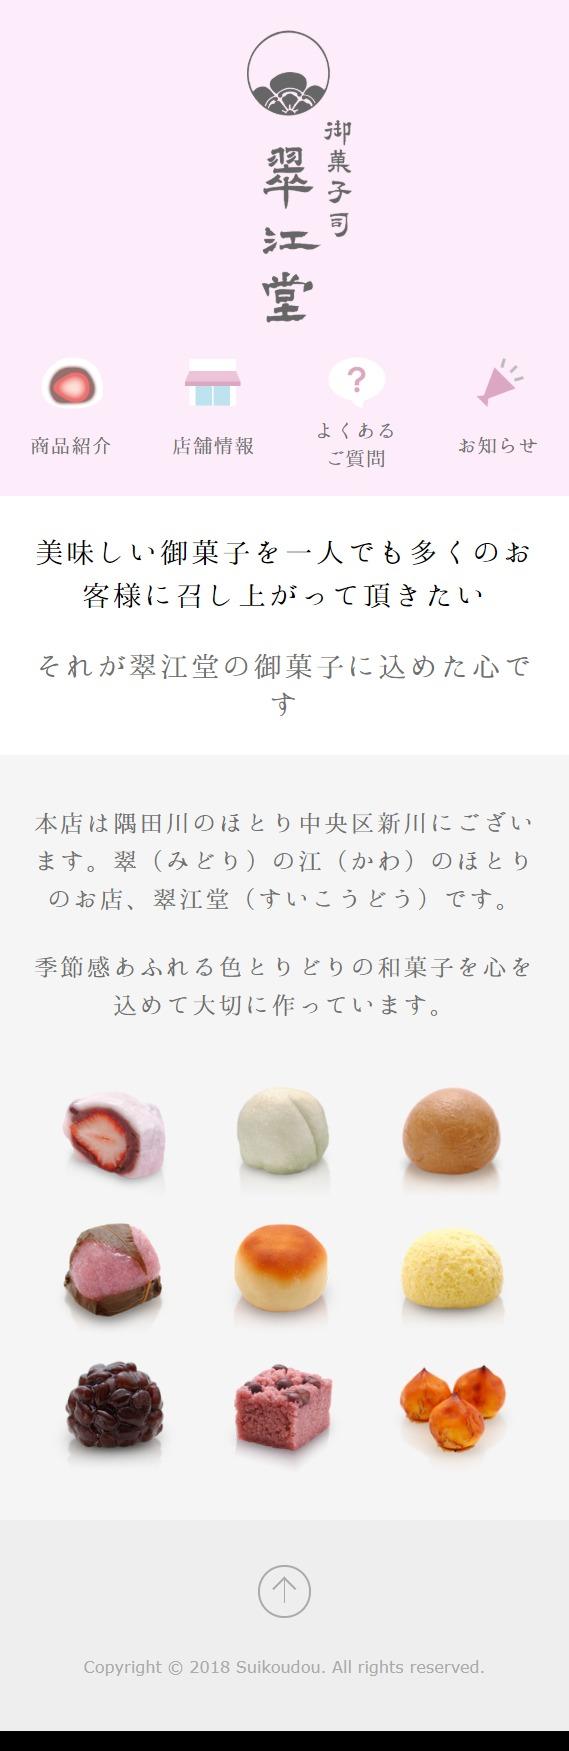 翠江堂スマホ版イメージ